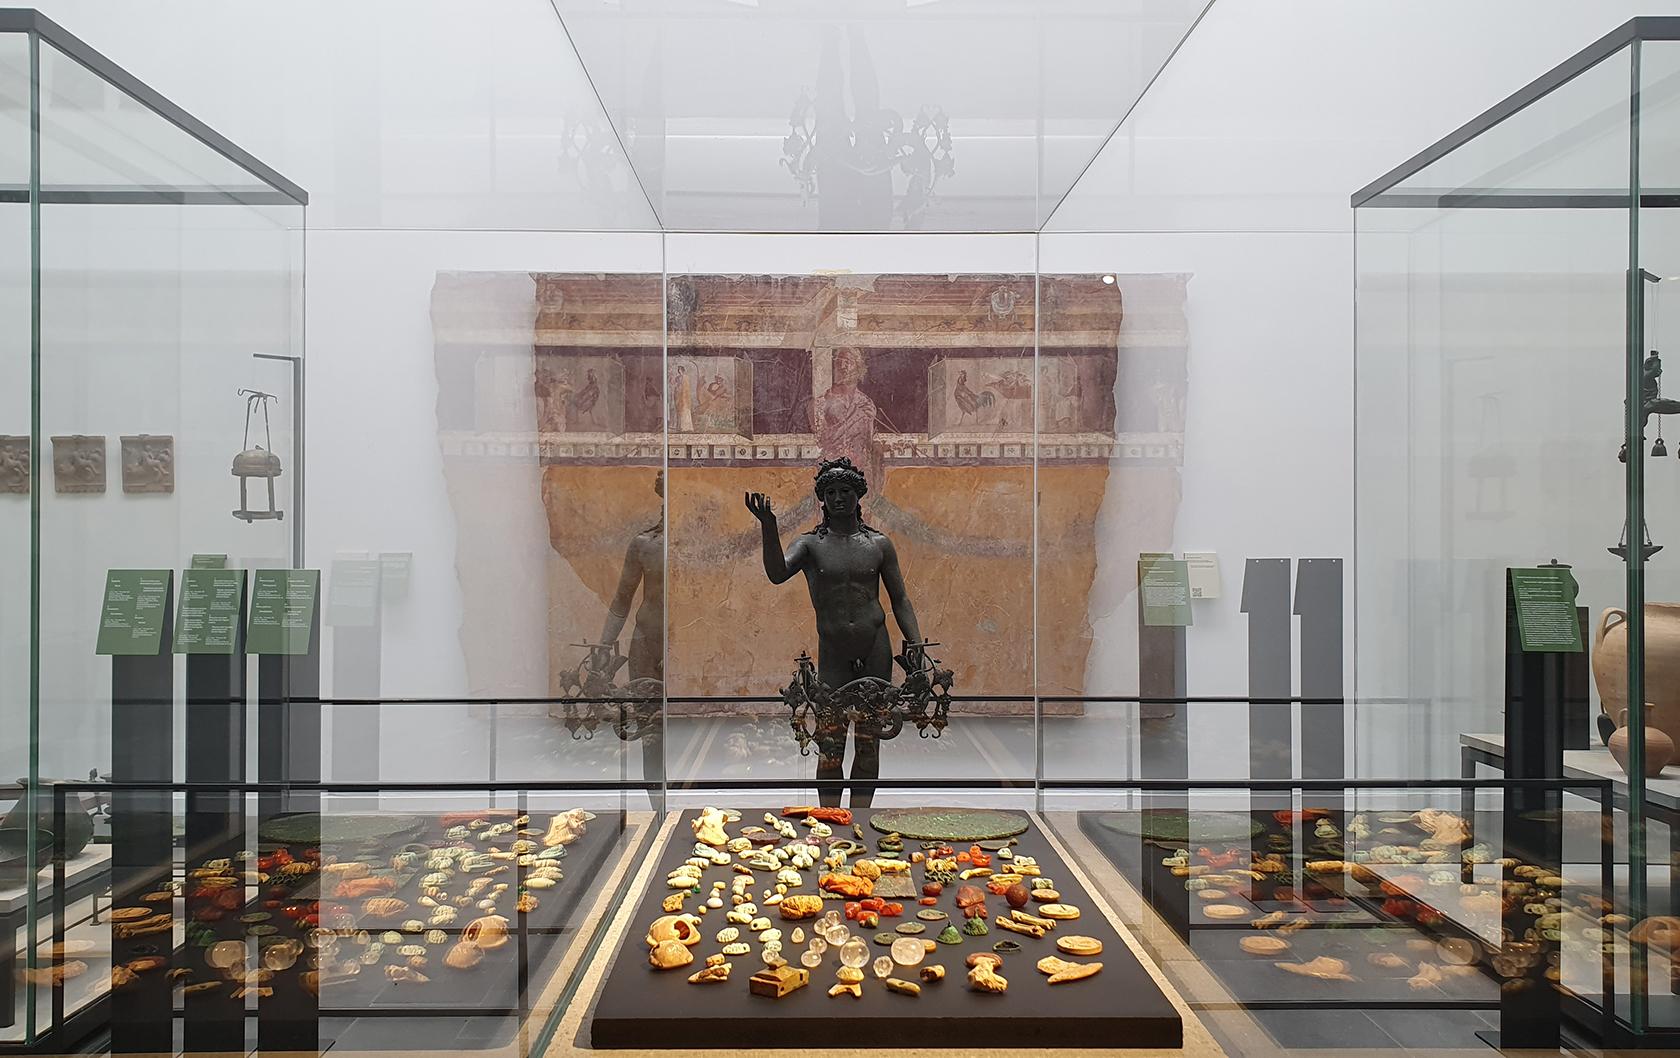 Pompeii Antiquarium museum display